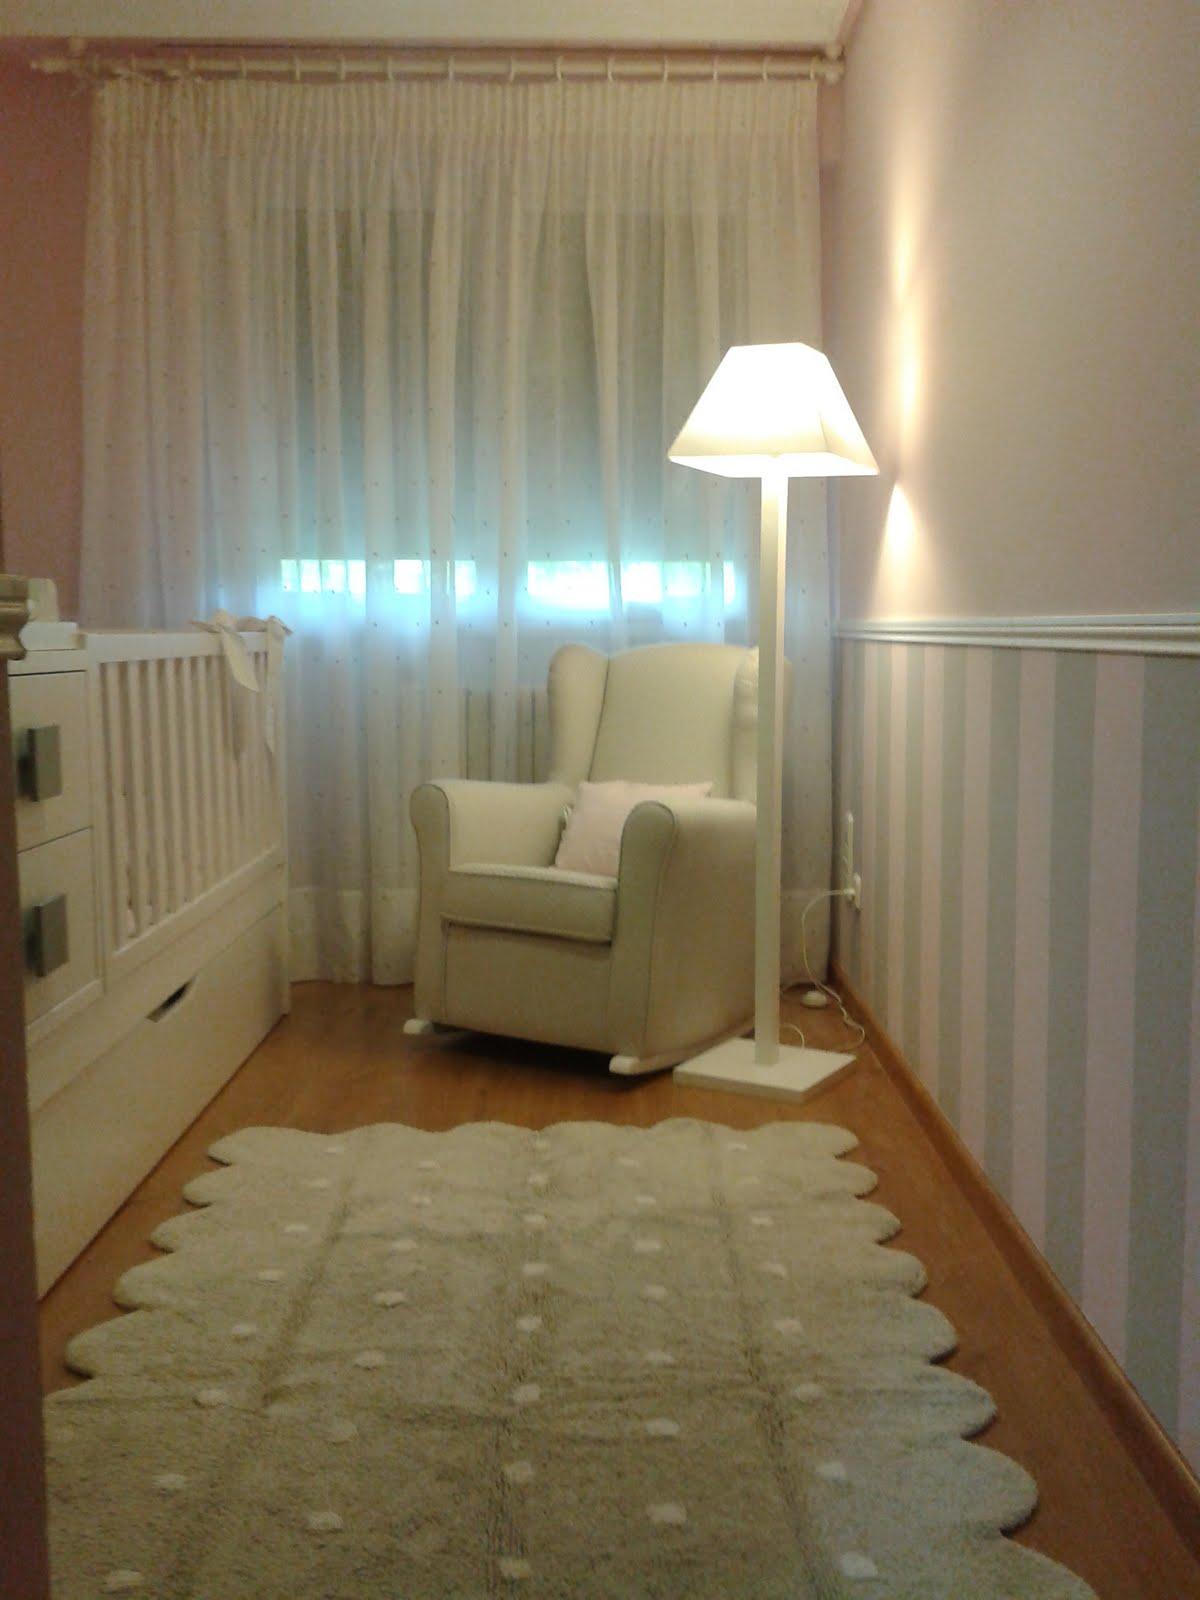 Deco Chambre Sm - Deco chambre bébé Décoration la Chambre de bébé, la peinture murale avec not